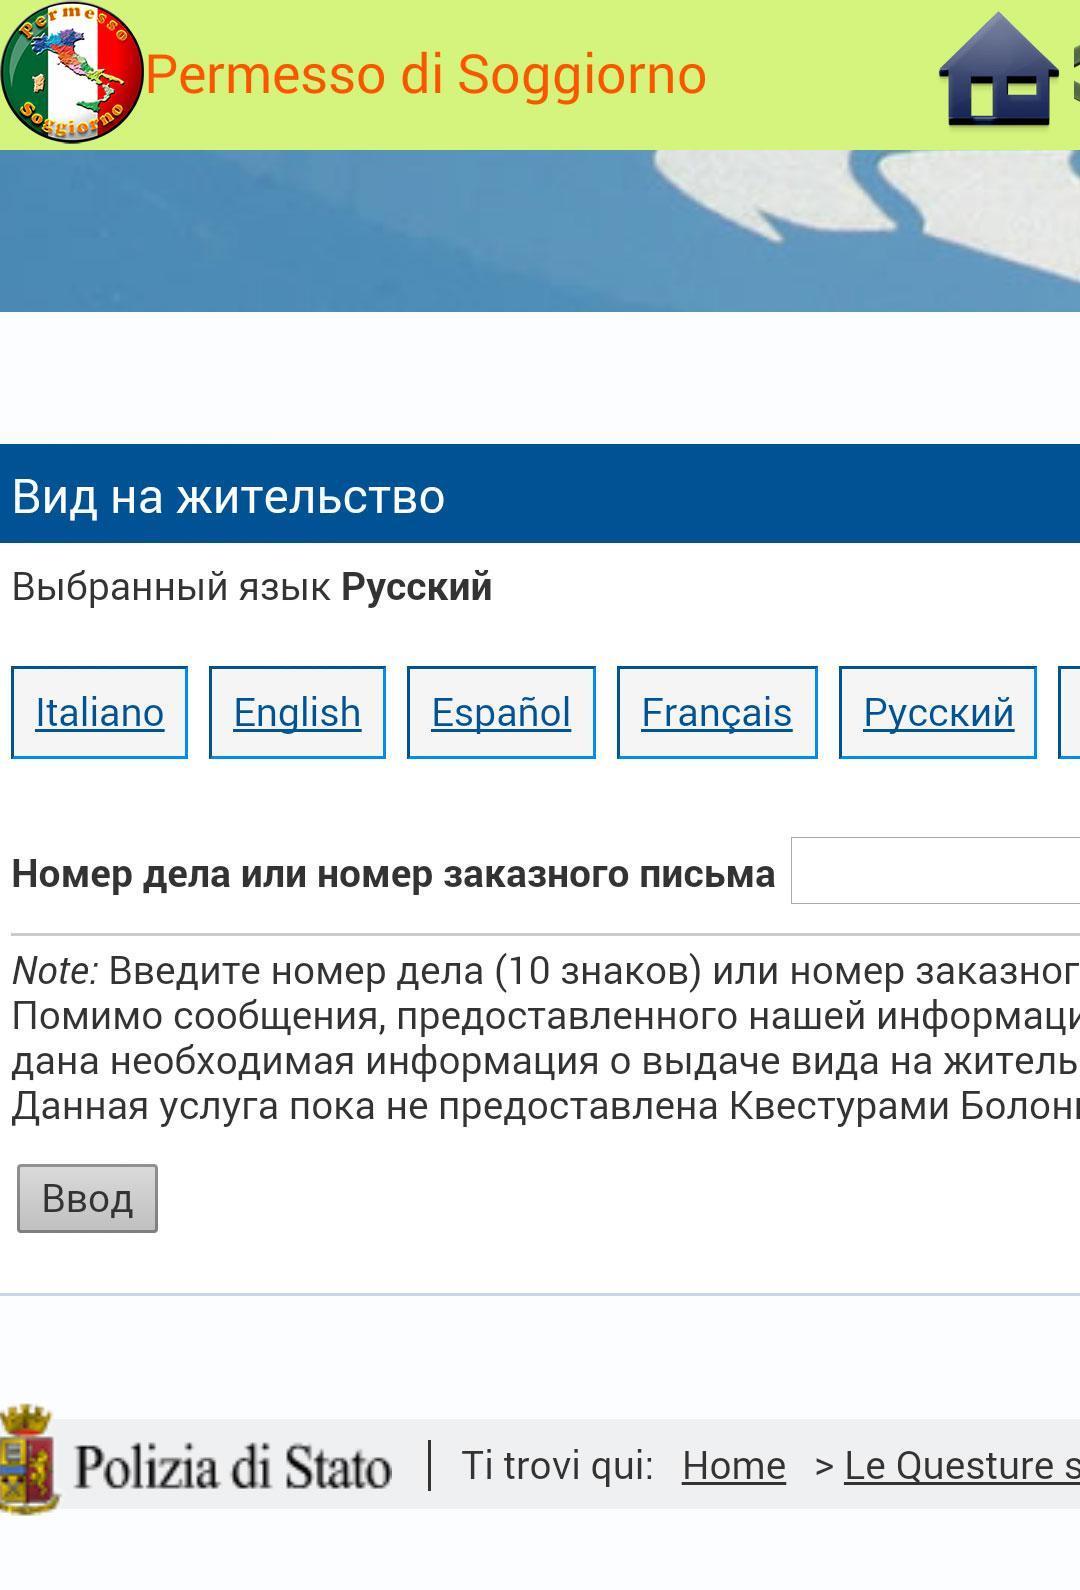 Permesso di Soggiorno for Android - APK Download